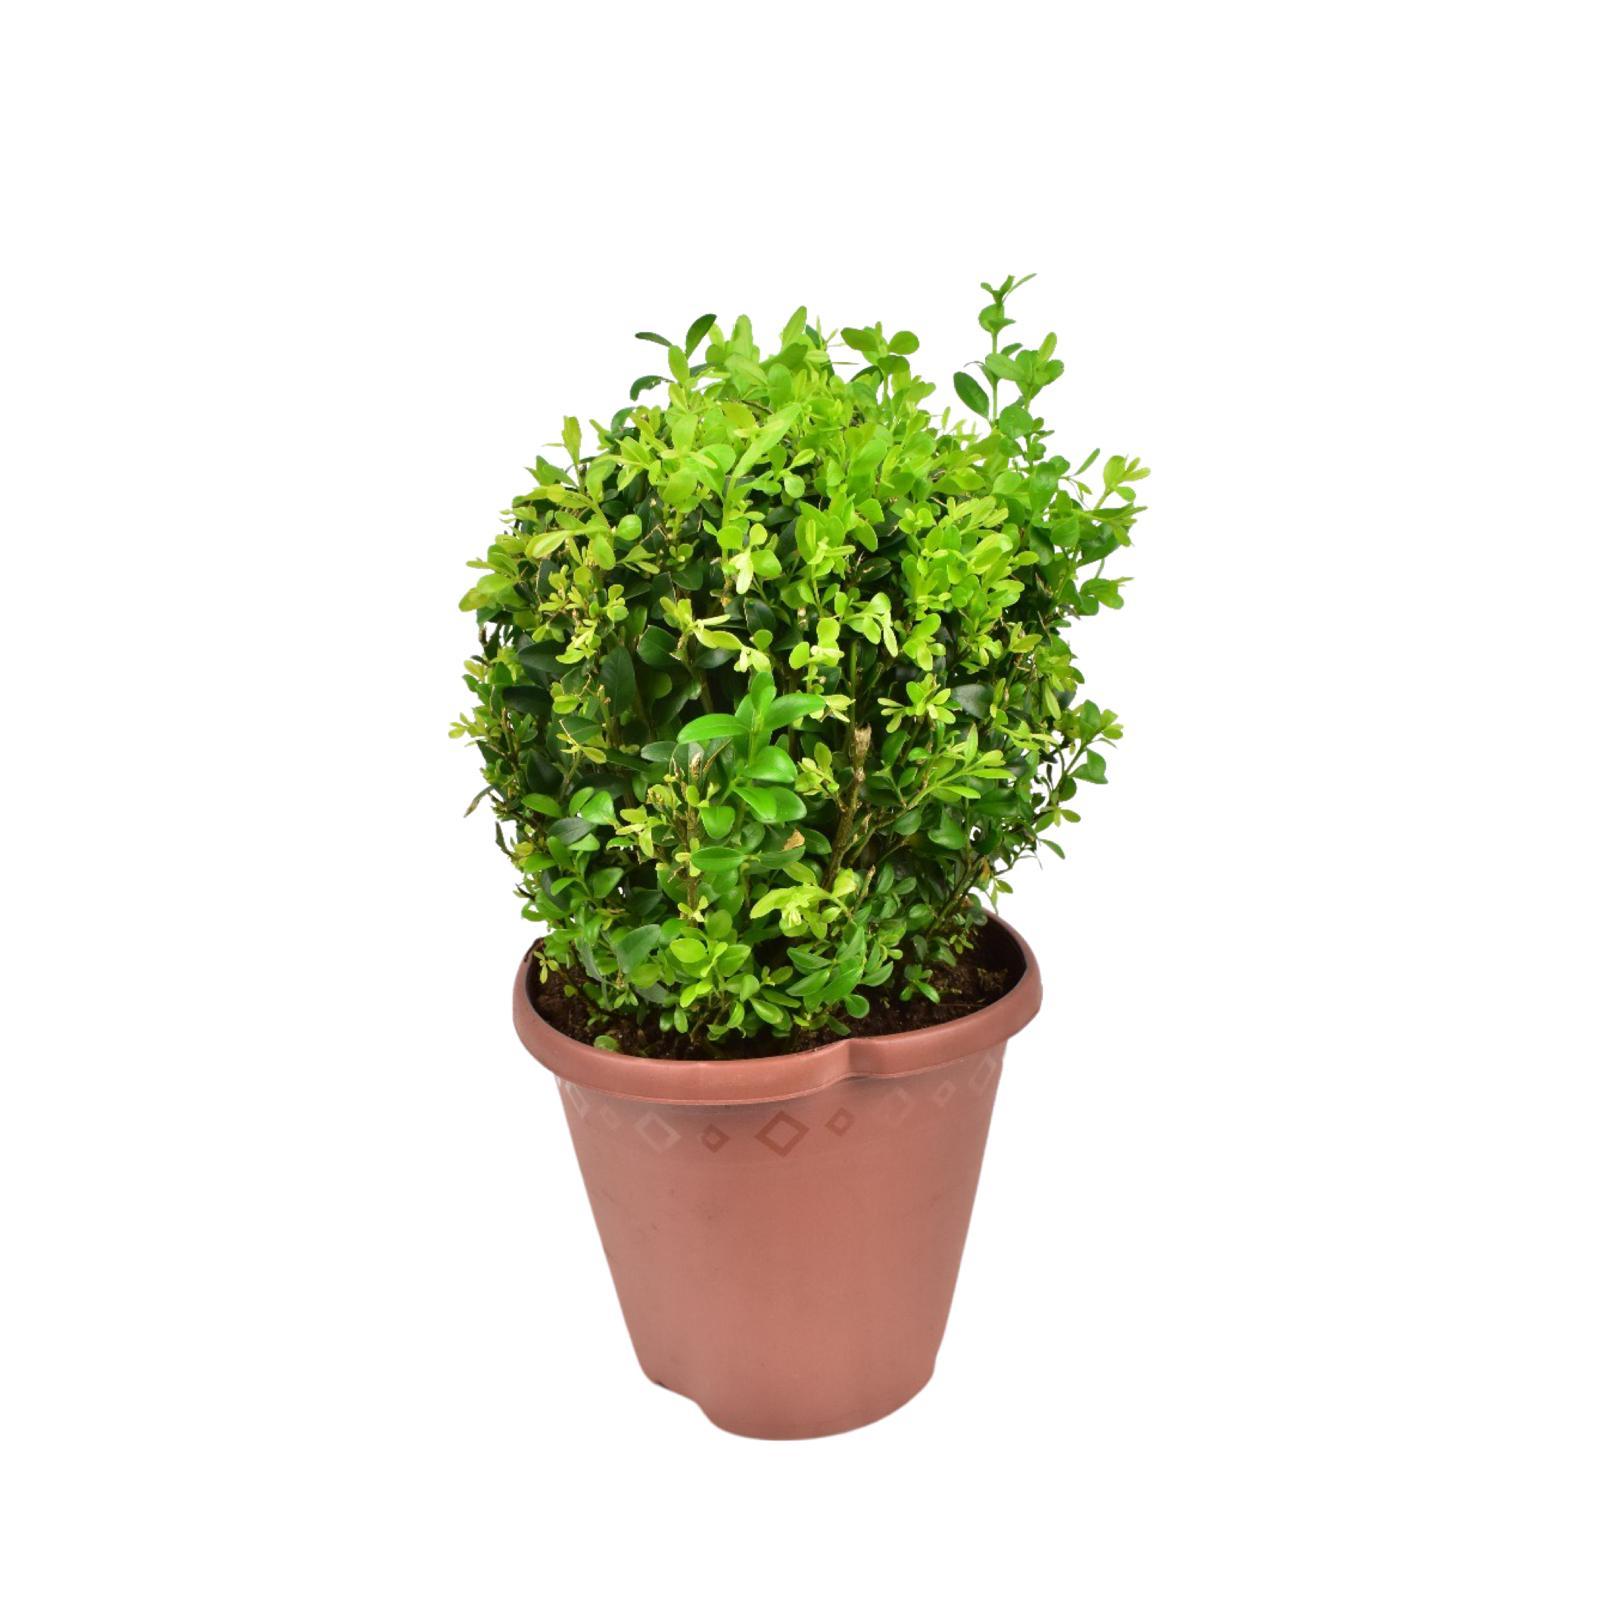 البقس دائم الخضرة كروي - ٢٠- ٢٢سم  نباتات داخلية